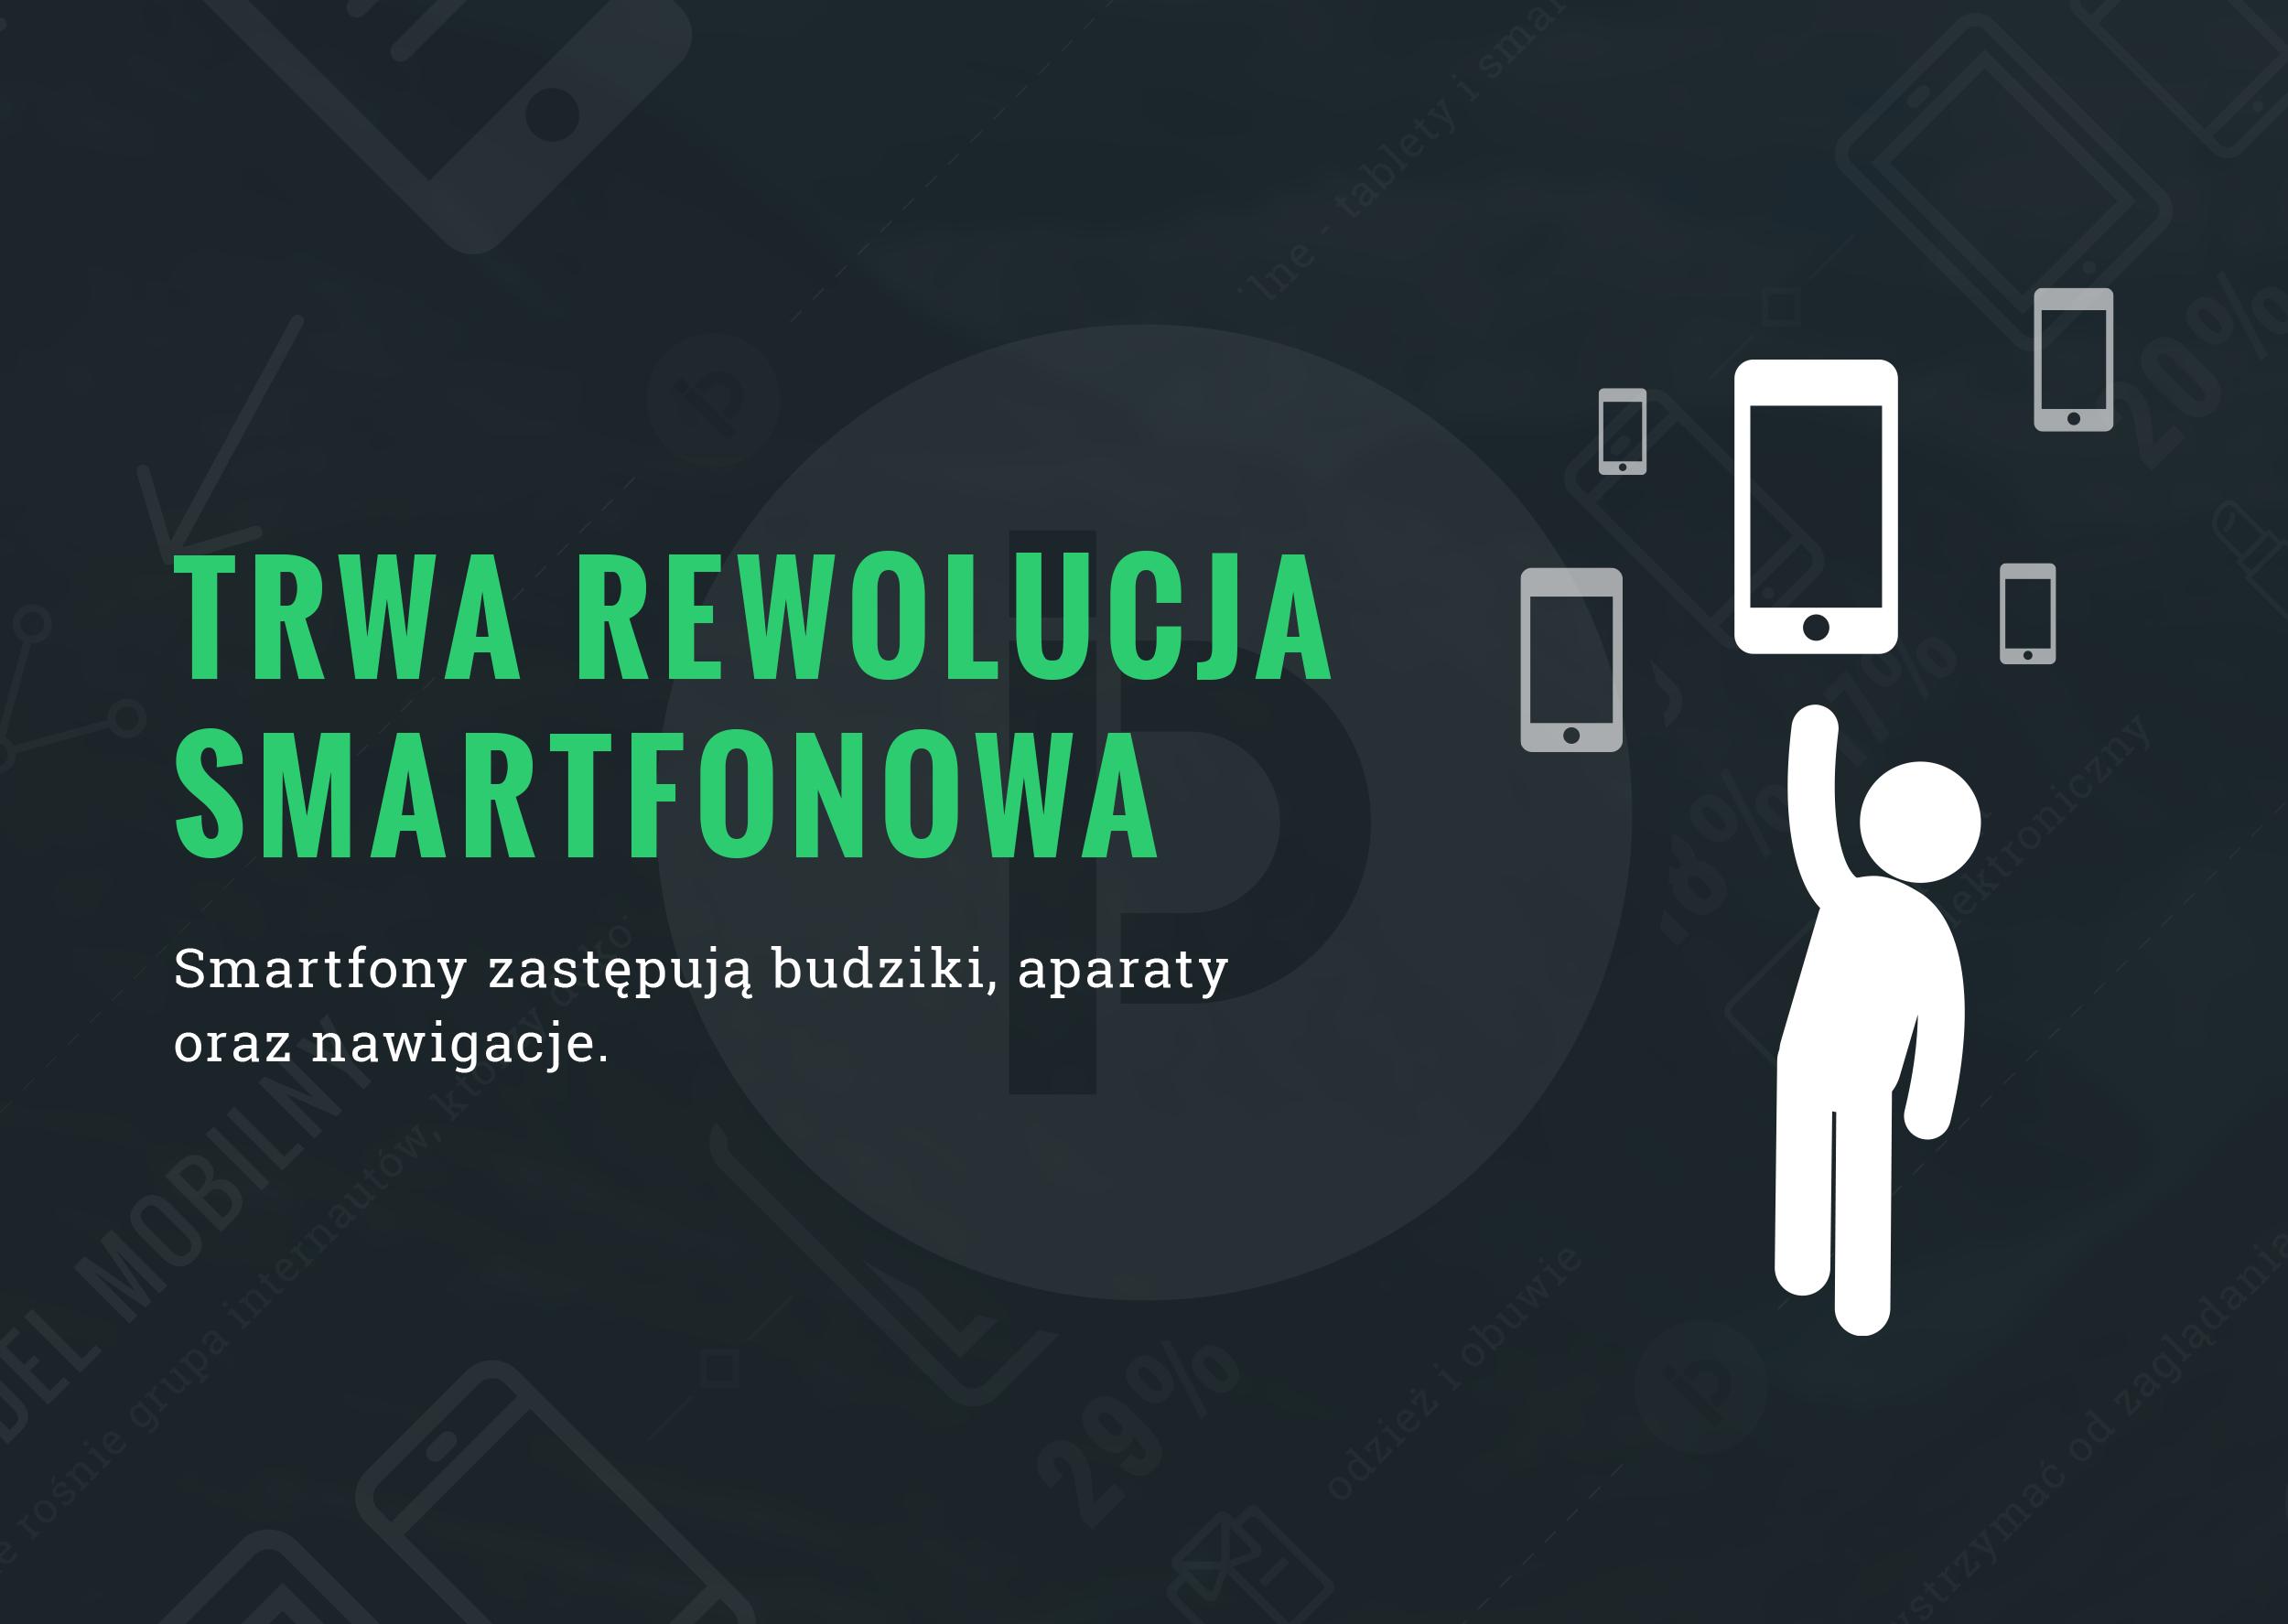 Smartfonowa rewolucja trwa - infografika